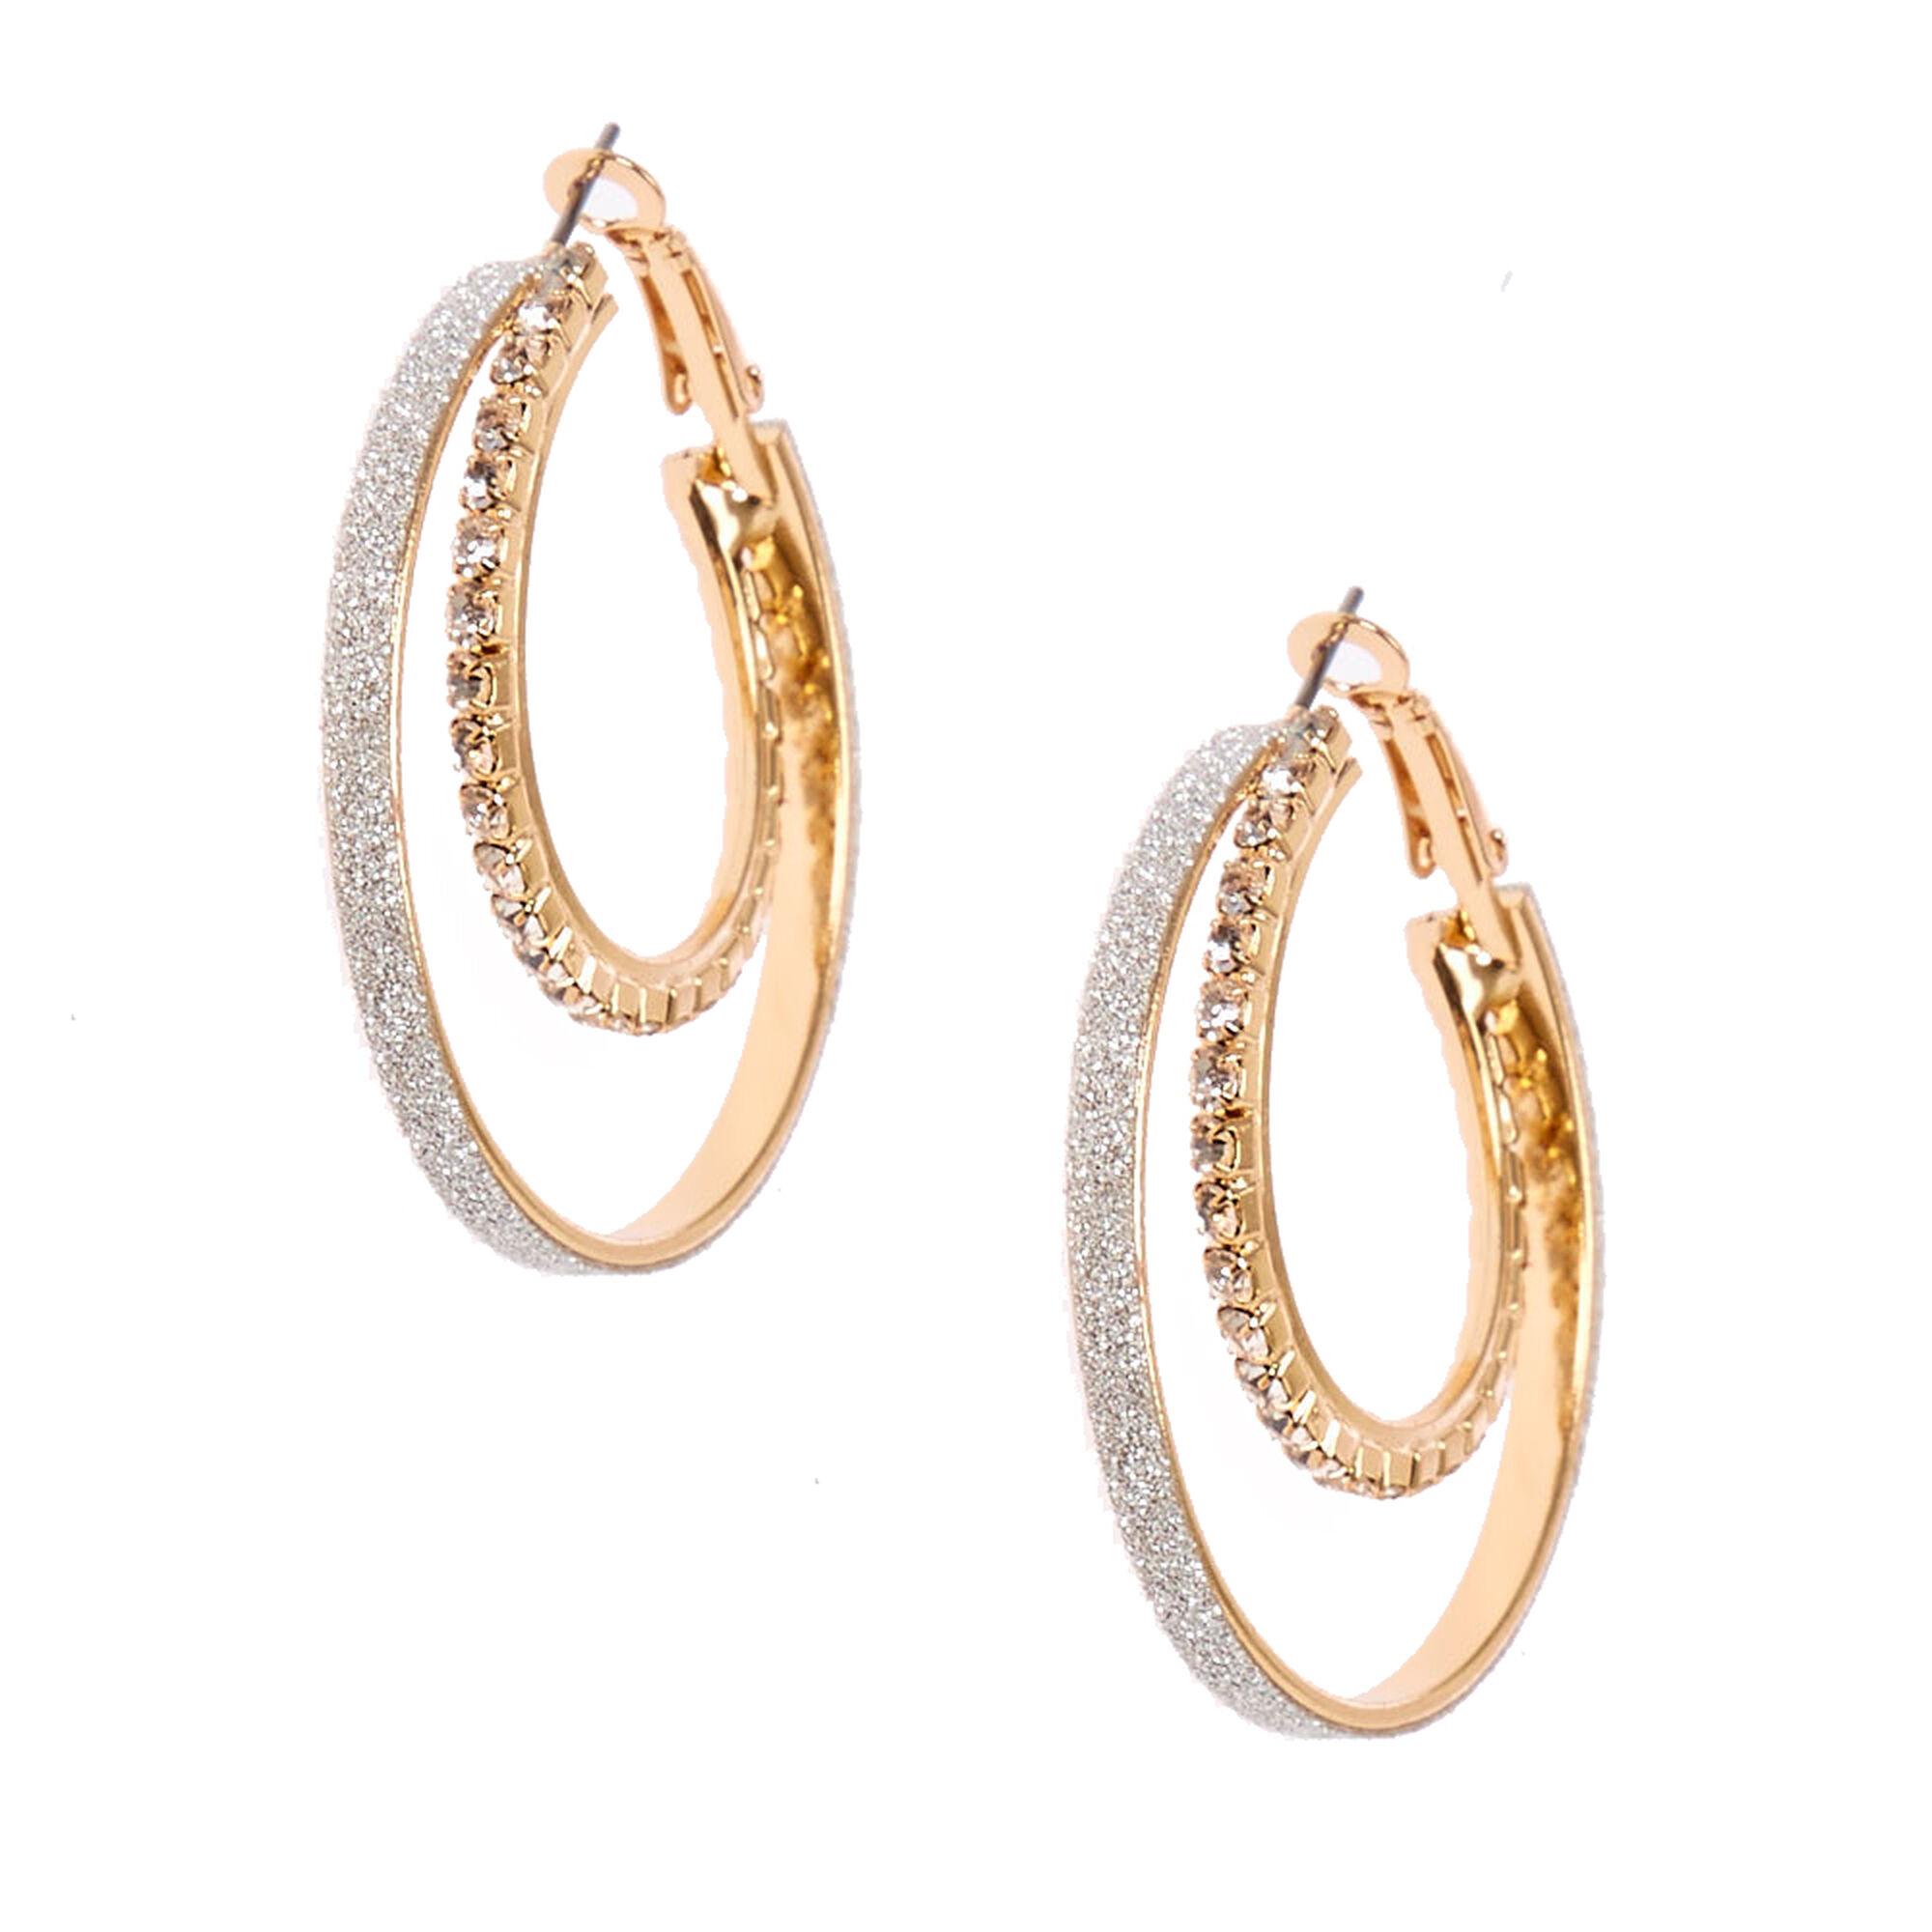 40mm Double Crystal Stone Hoop Earrings